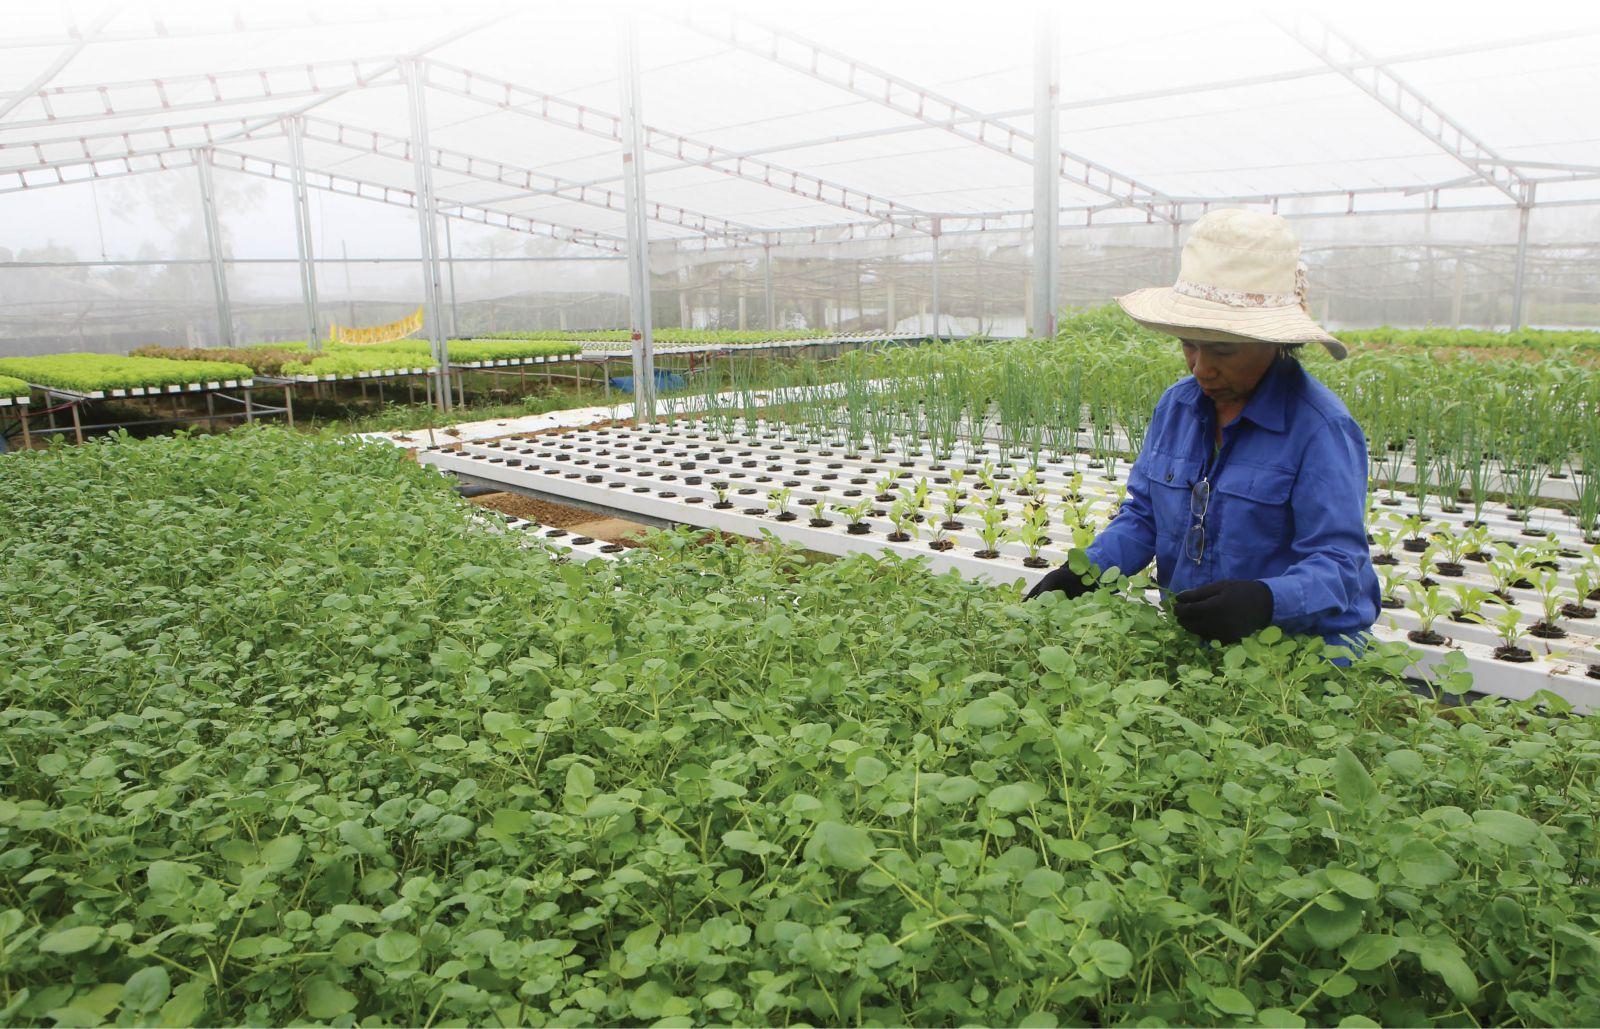 Tái cơ cấu theo hướng nông nghiệp tuần hoàn, hữu cơ